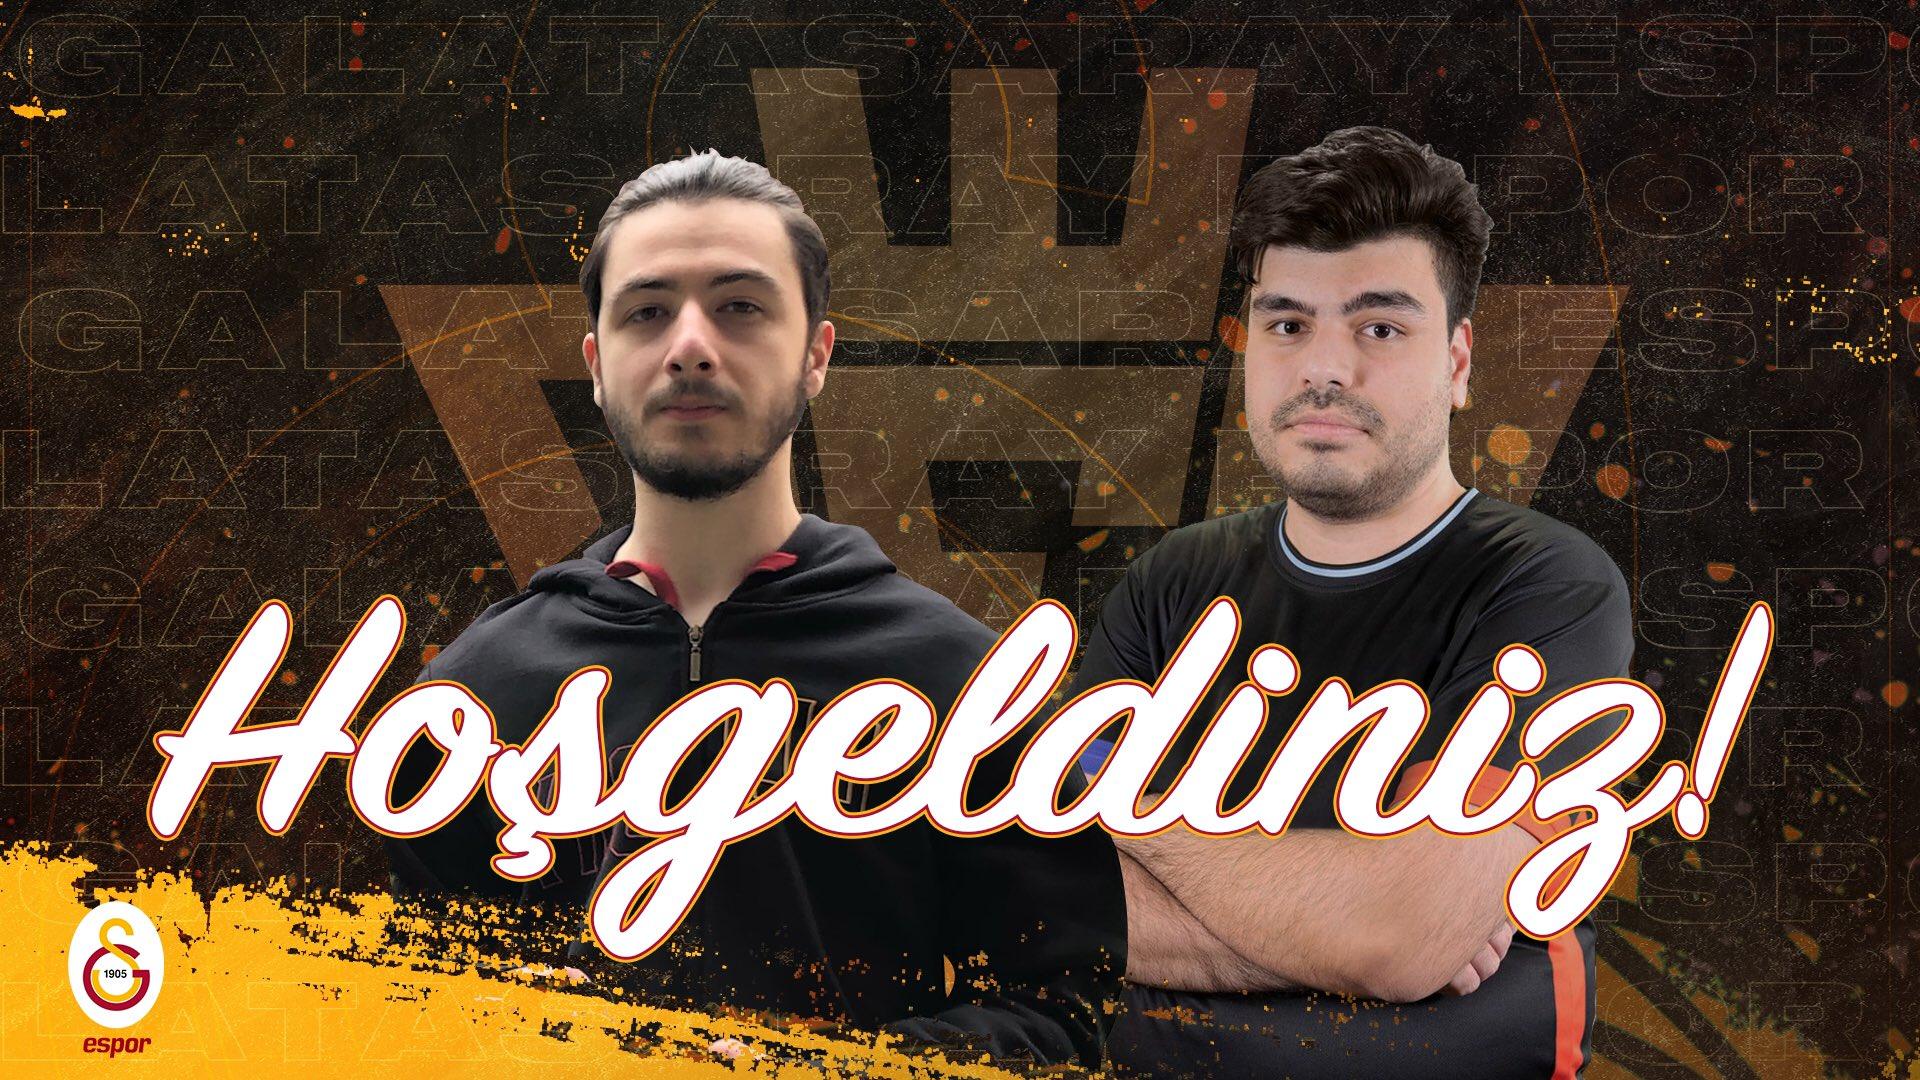 Galatasaray Espor PES 20 Takımı Kurduğunu Açıkladı